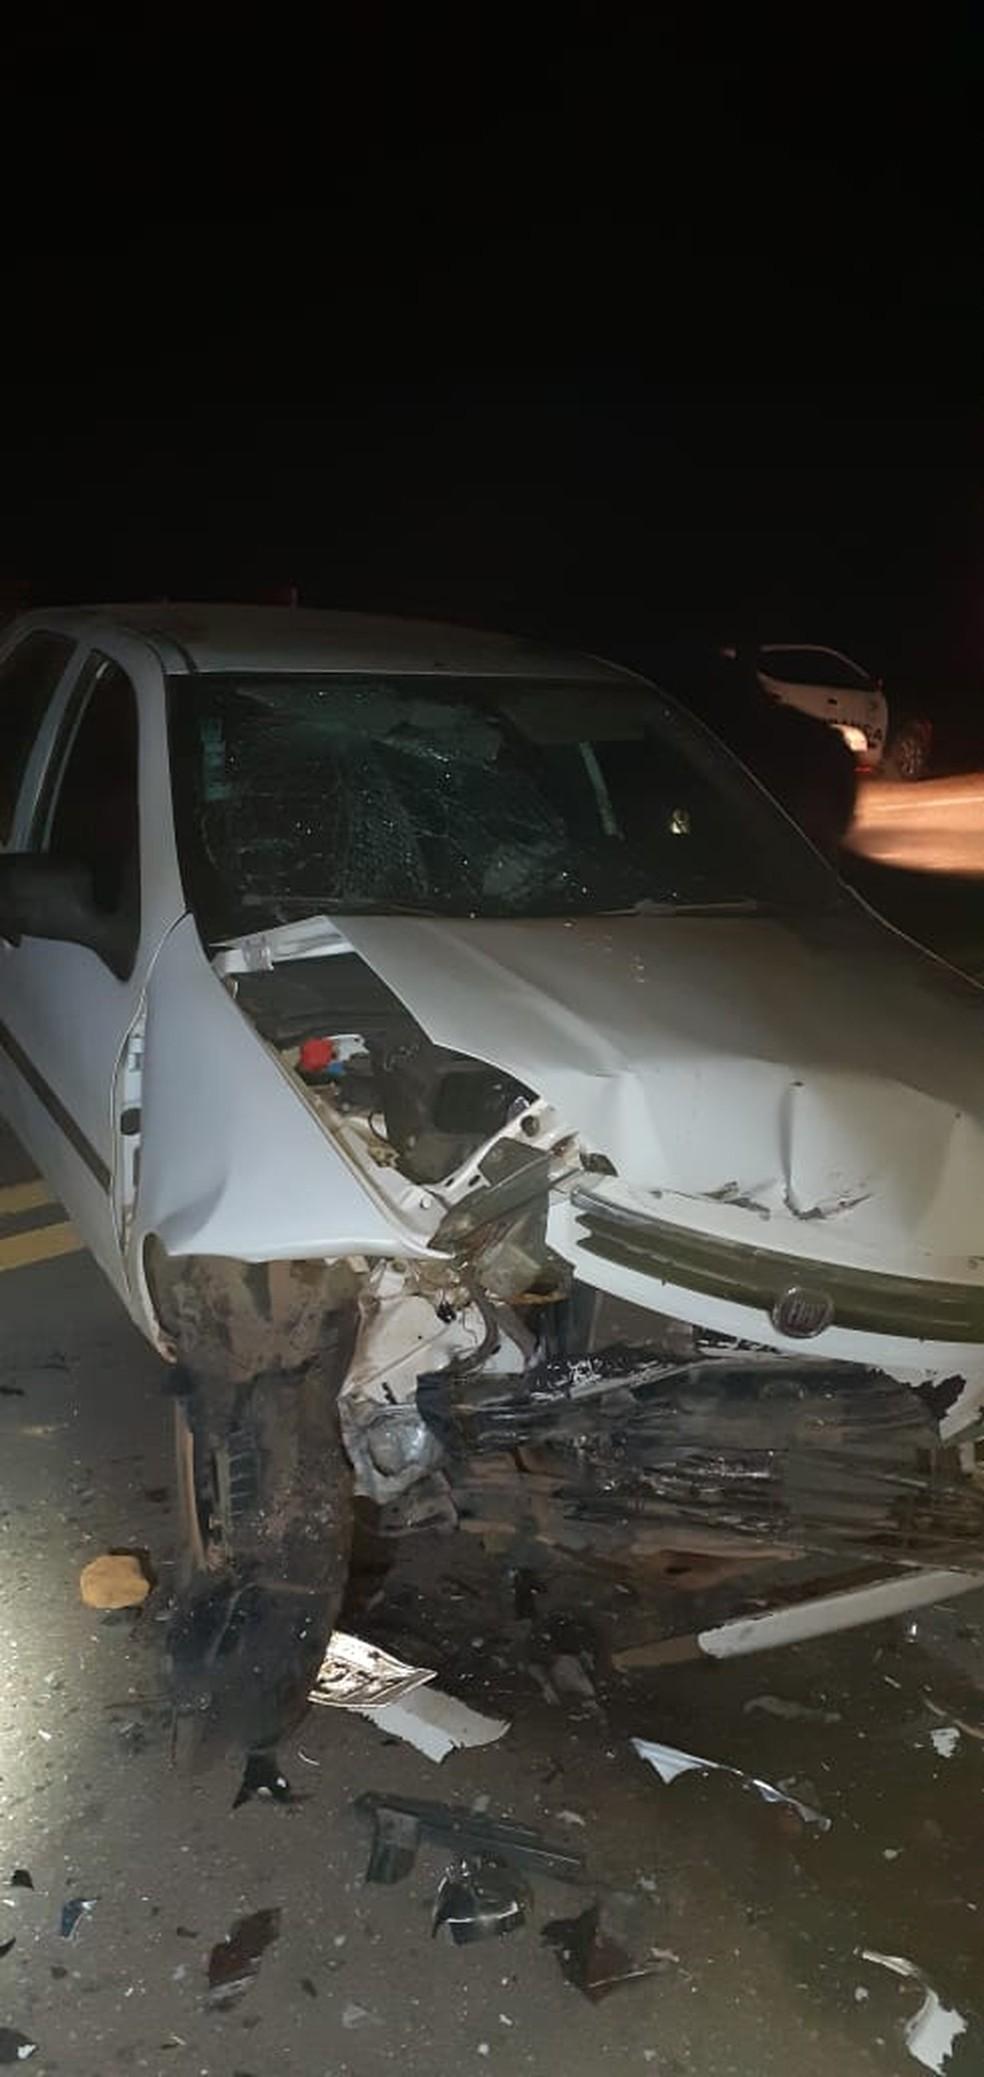 Veículo ficou completamente destruído após acidente em Amparo — Foto: Divulgação/Polícia Rodoviária